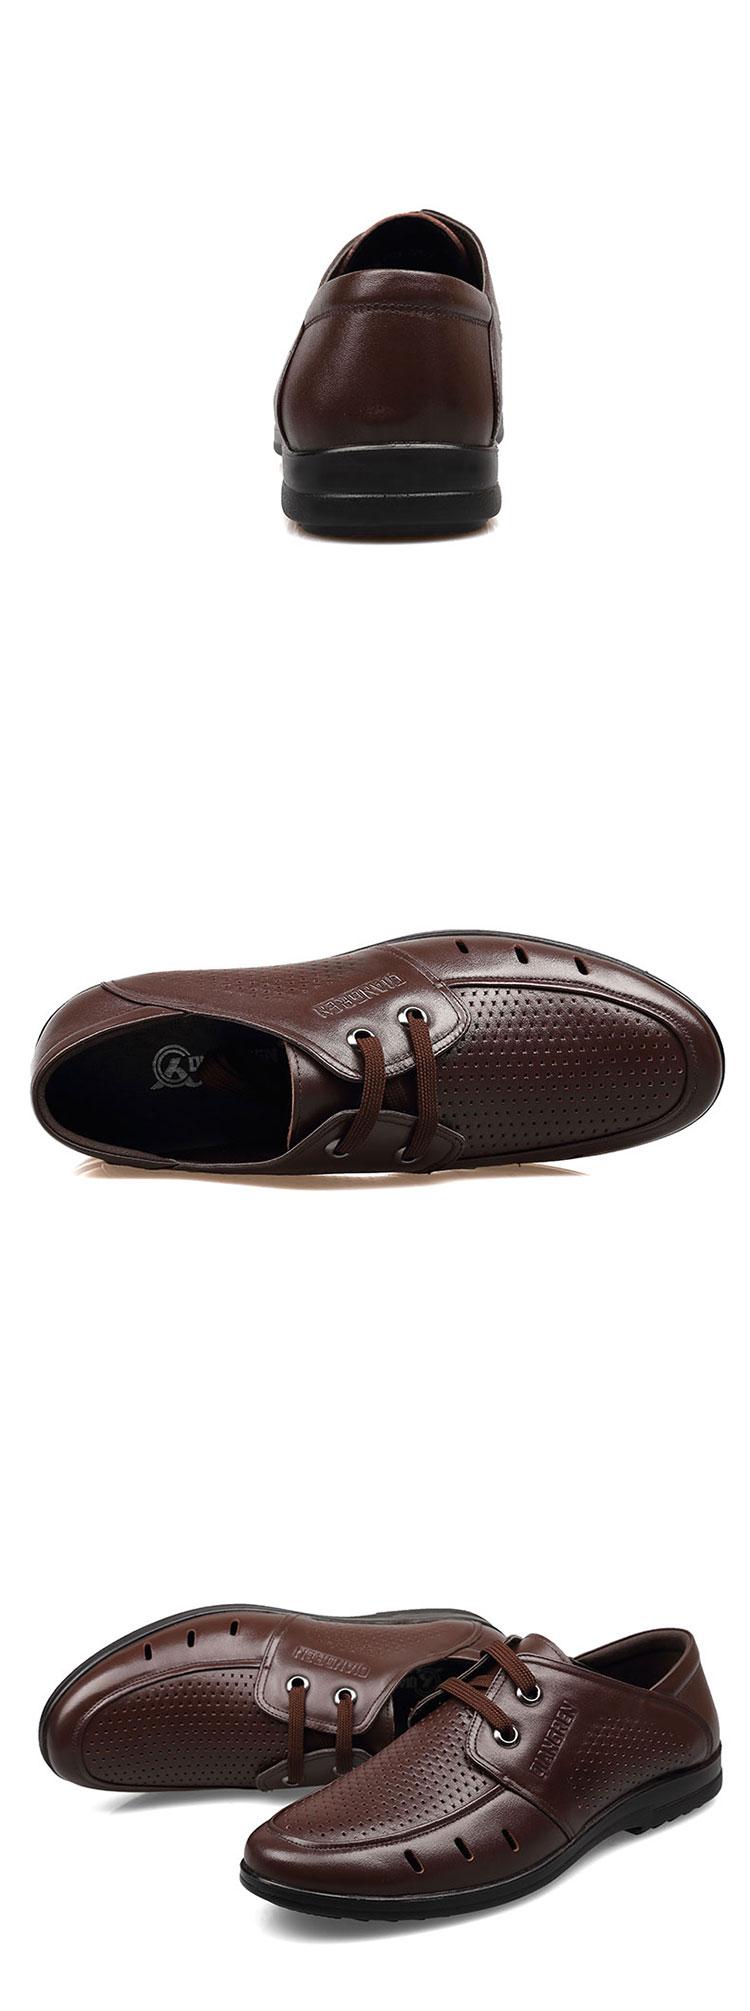 3515强人夏季新款真皮打孔舒适男凉鞋商务系带洞洞